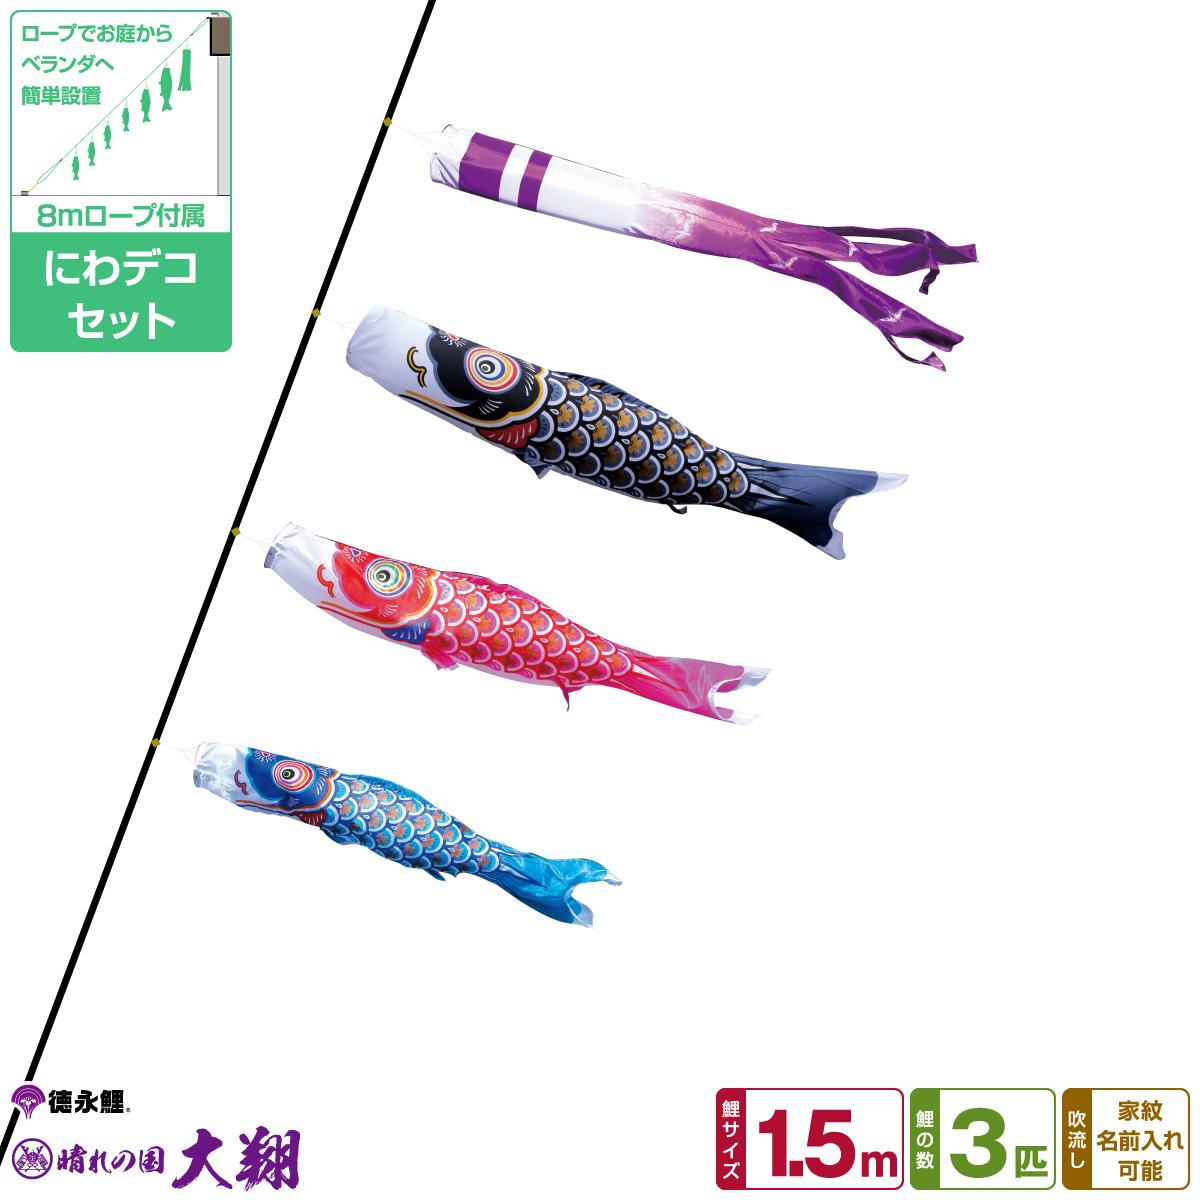 徳永鯉のぼり 大翔鯉 1.5m 6点セット にわデコセット 2019年初節句 端午の節句 こどもの日 こいのぼり